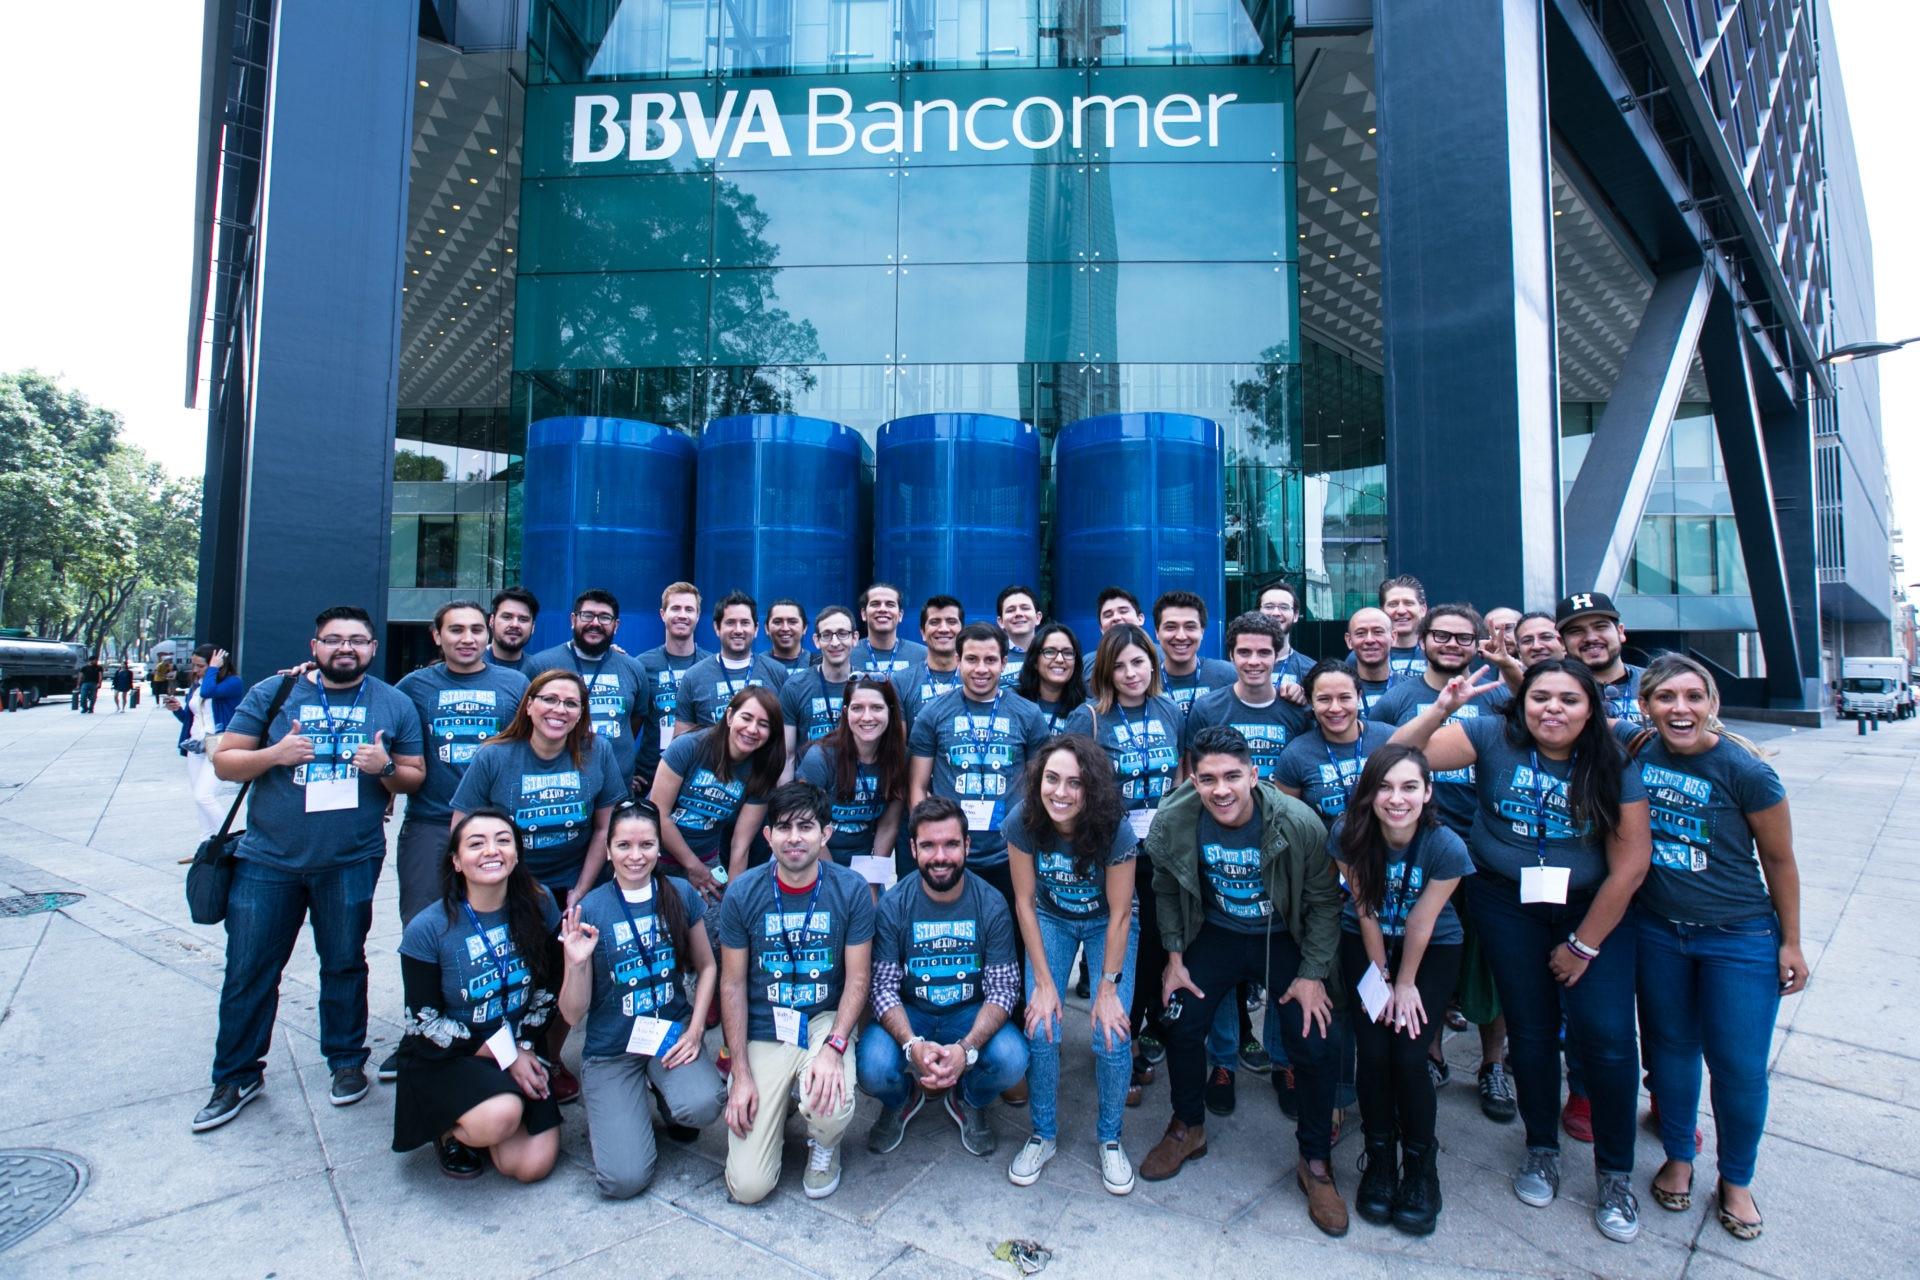 El Centro de Innovación BBVA Bancomer patrocina el StartupBus México 2016 equipo frente a Torre Bancomer